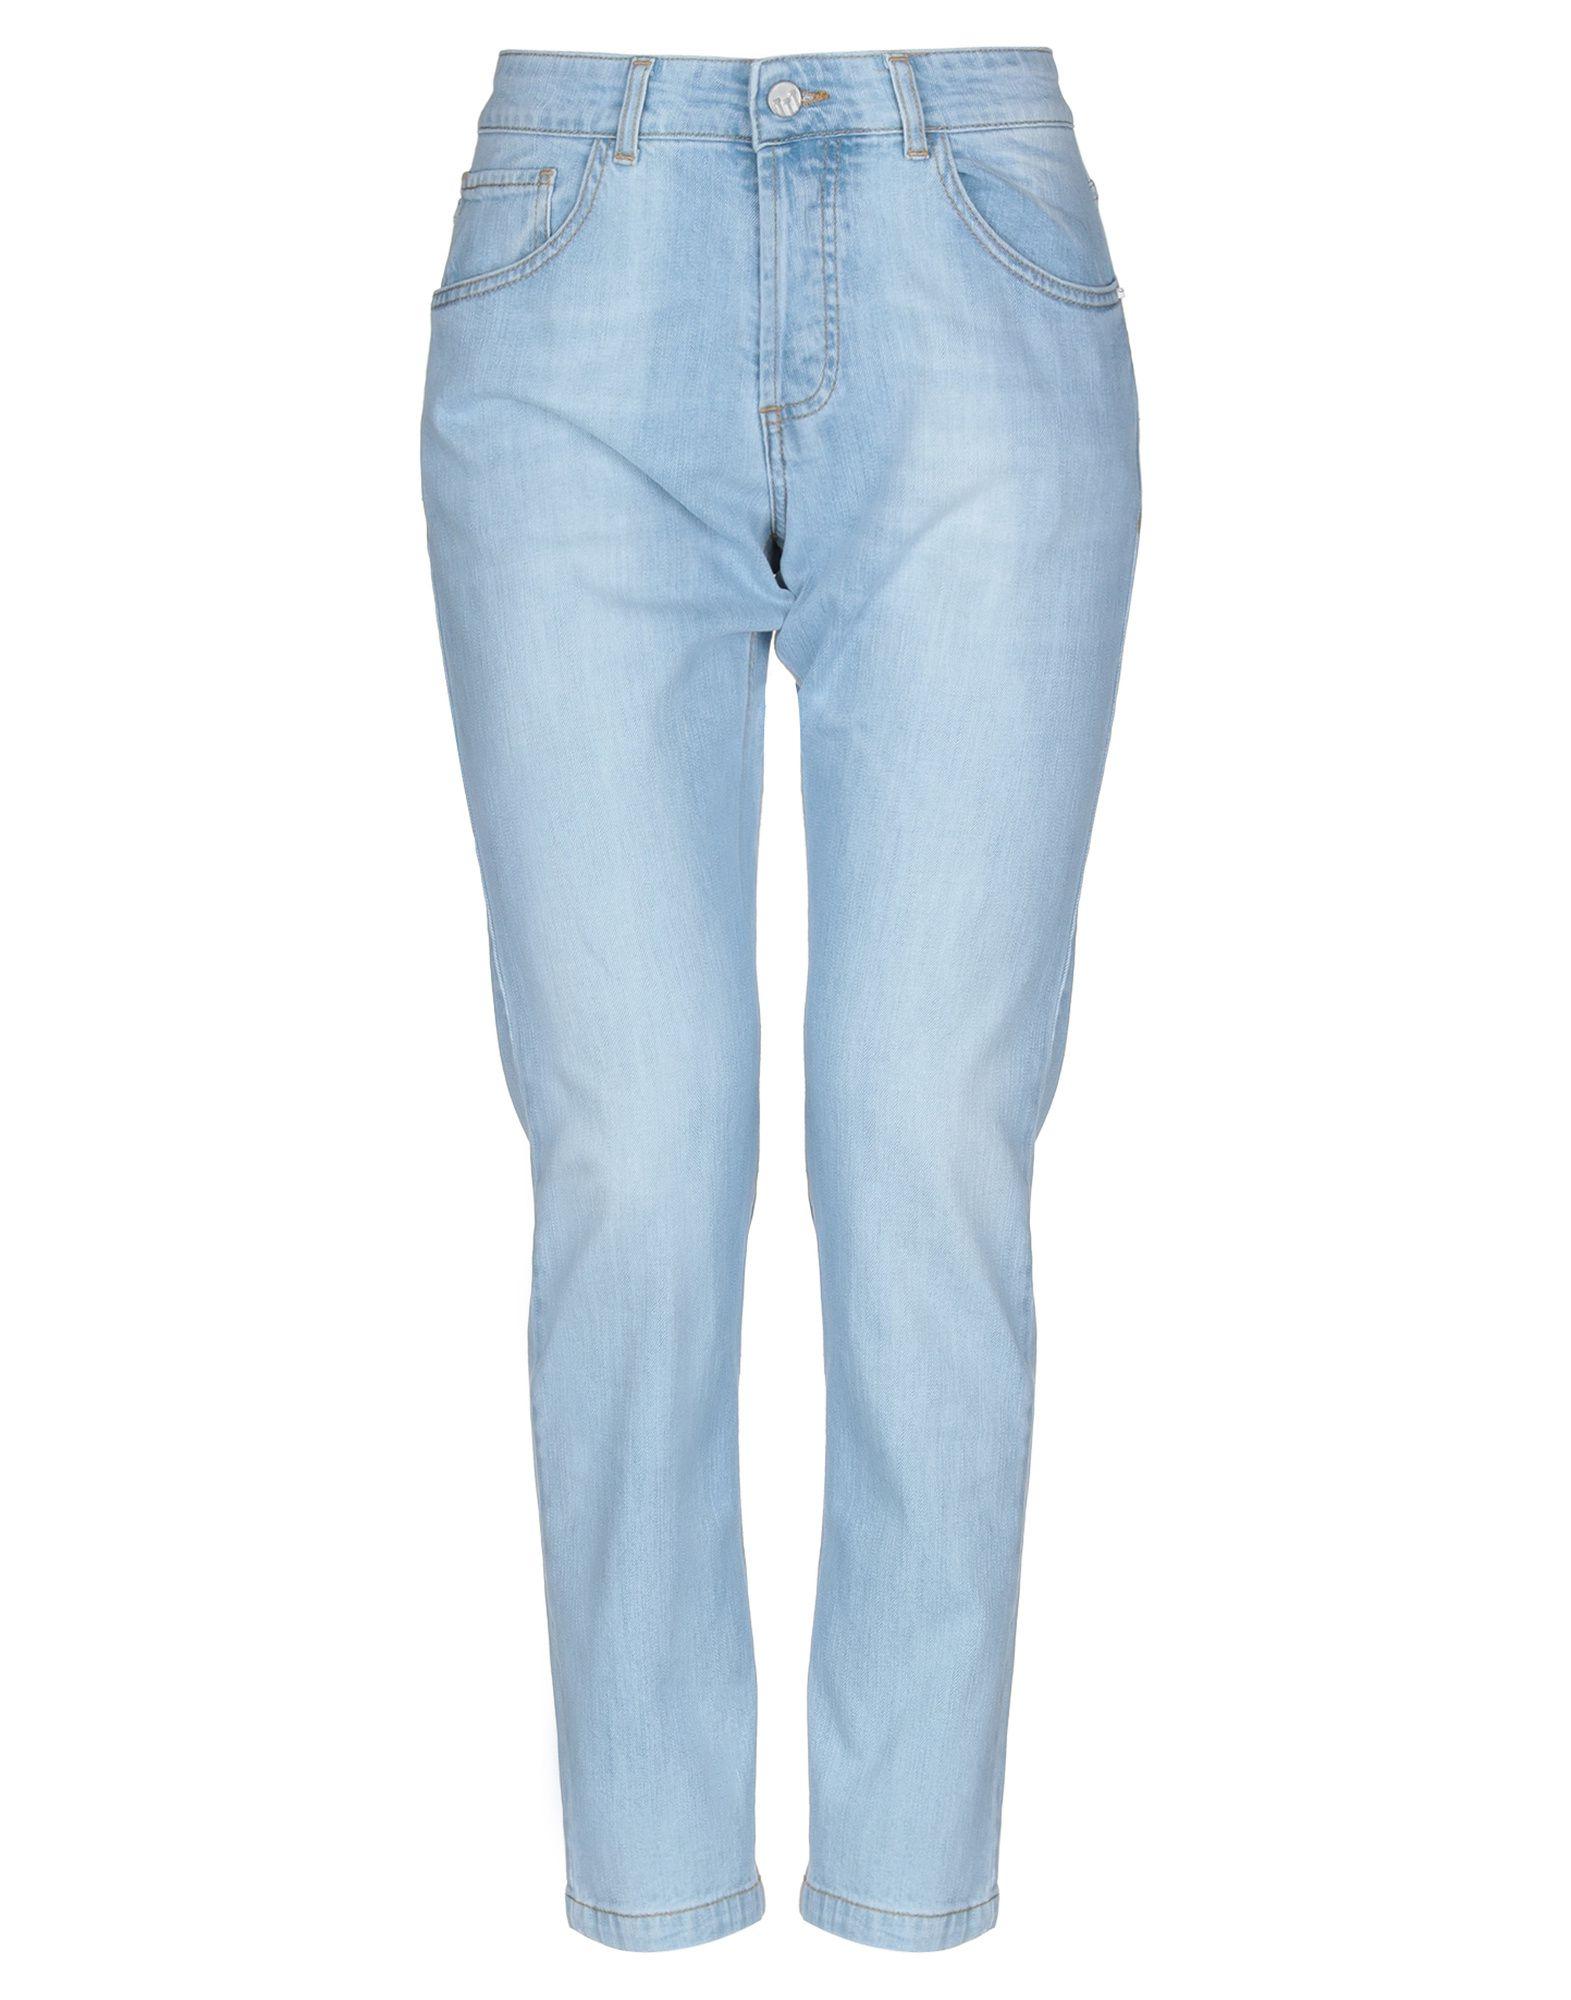 Pantaloni Jeans Entre Amis donna - 42728265LP 42728265LP 42728265LP 906